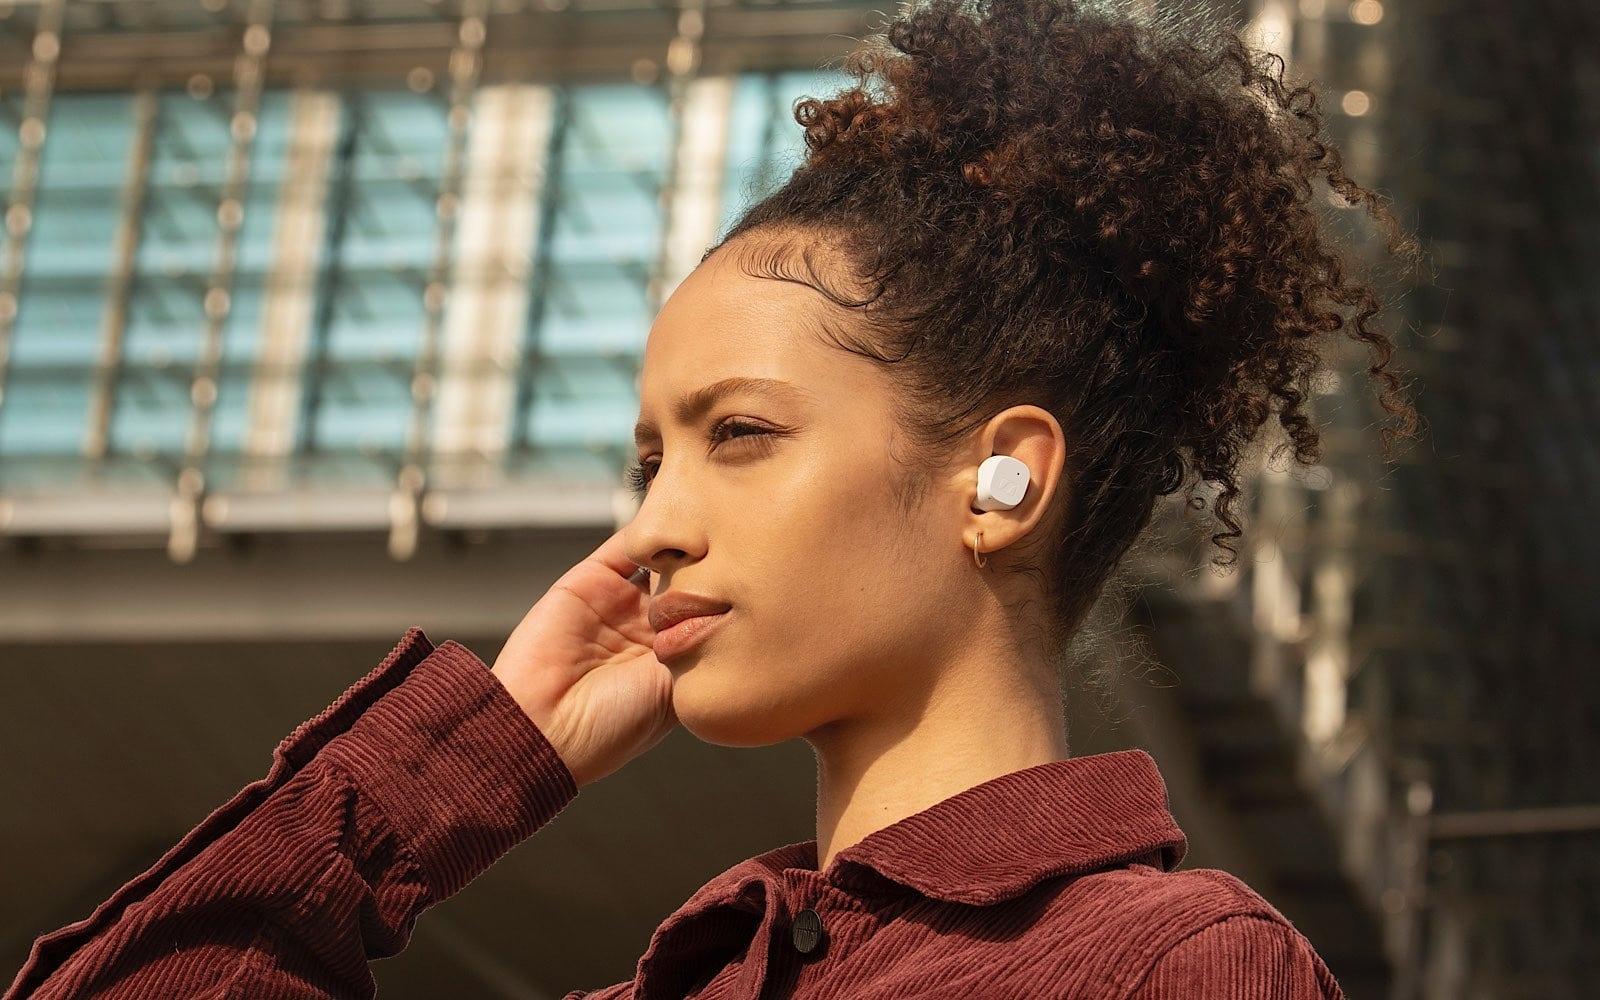 Sennheiser CX True Wireless earphones